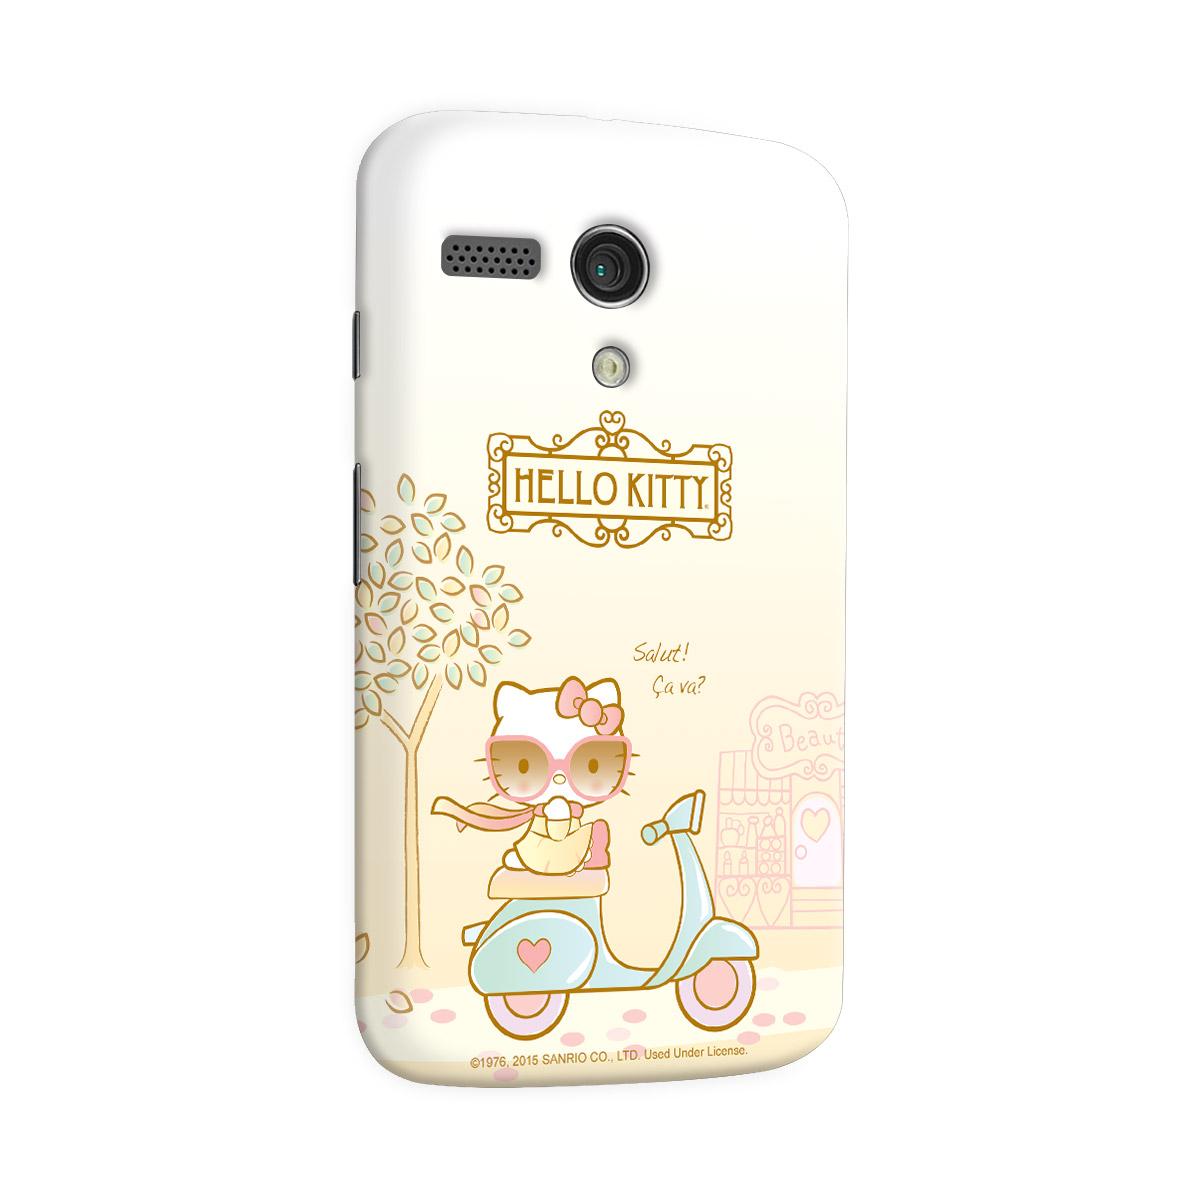 Capa para Motorola Moto G 1 Hello Kitty Salut! Ça Va?